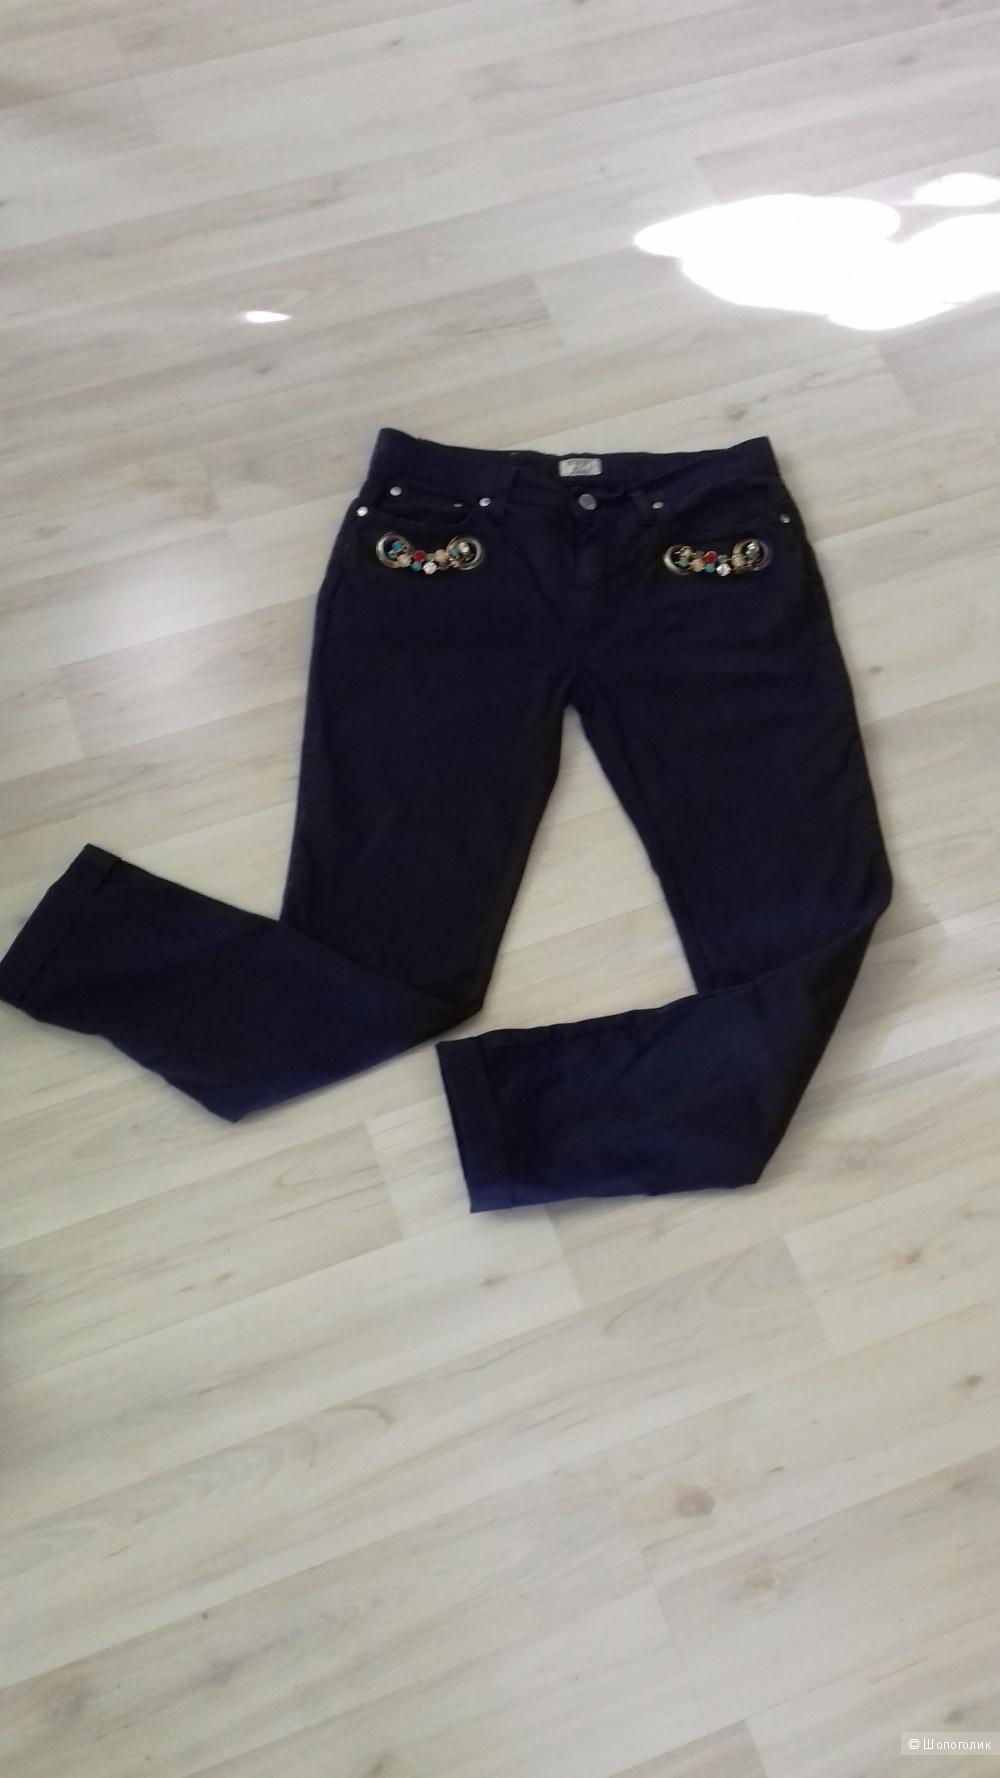 Укороченные брюки Blugirl Blumarine, 27 размер, Италия